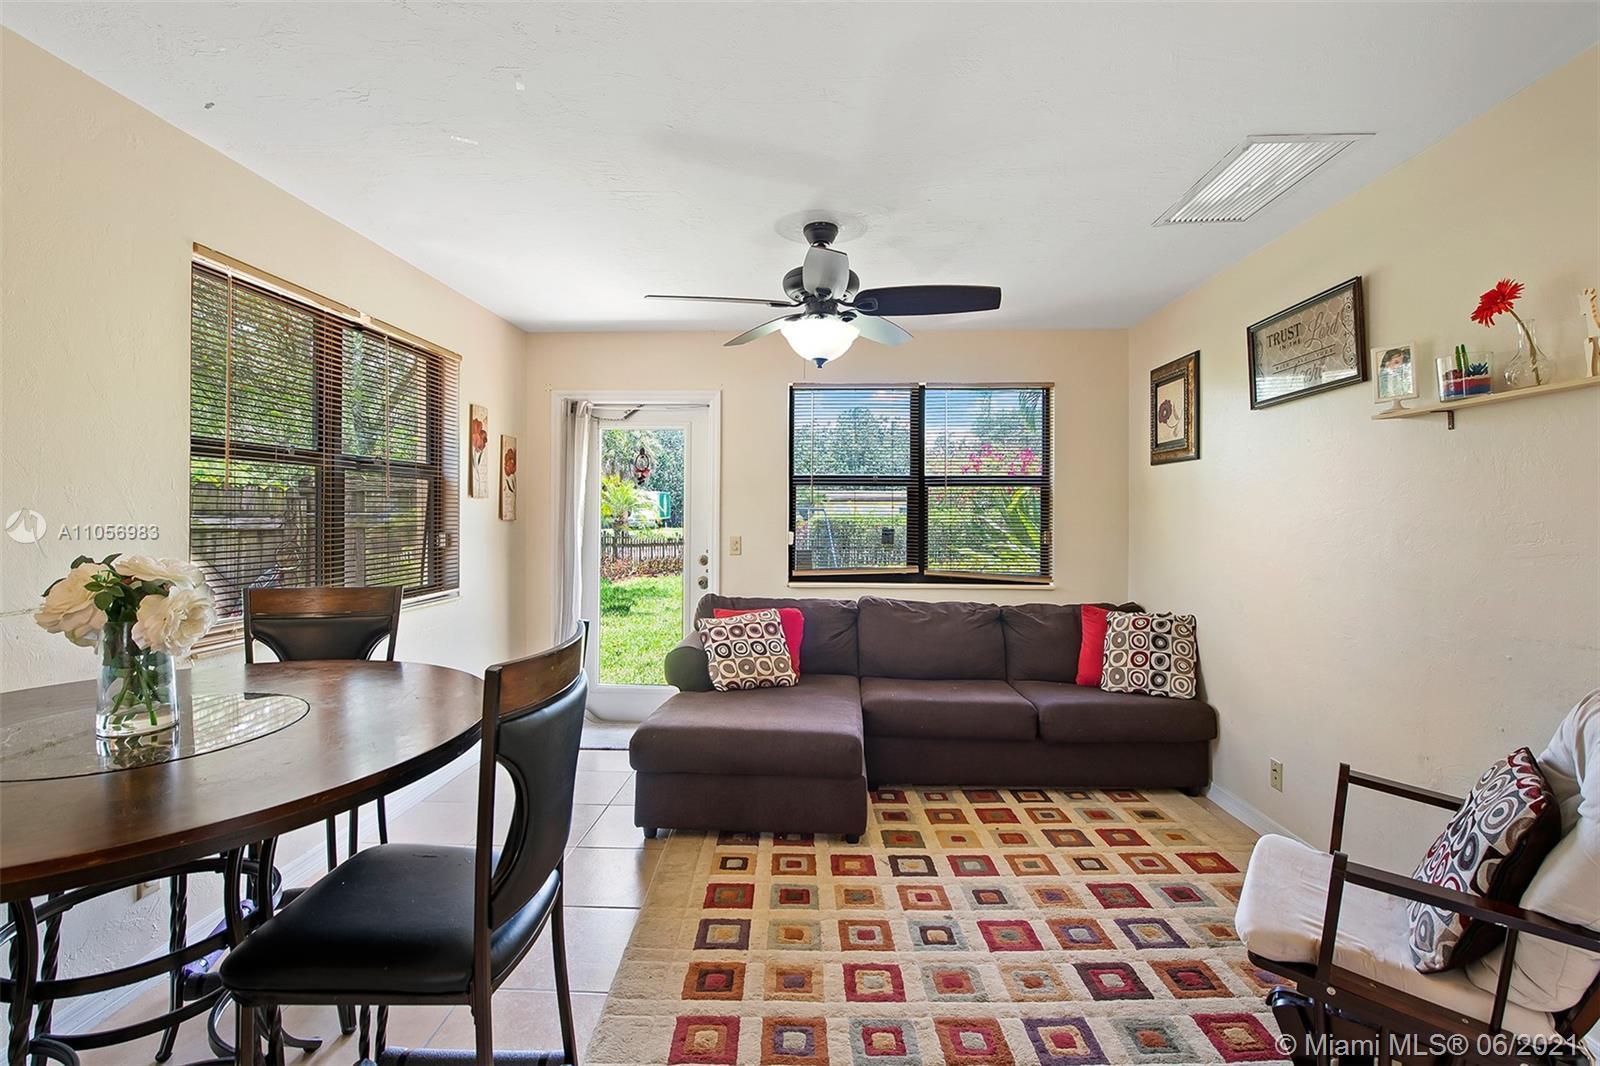 AMAZING 2 BEDROOM, 1 BATH SINGLE FAMILY HOME IN BEAUTIFUL JEROME ACRES NEIGHBORHOOD. HUGE YARD! GREA